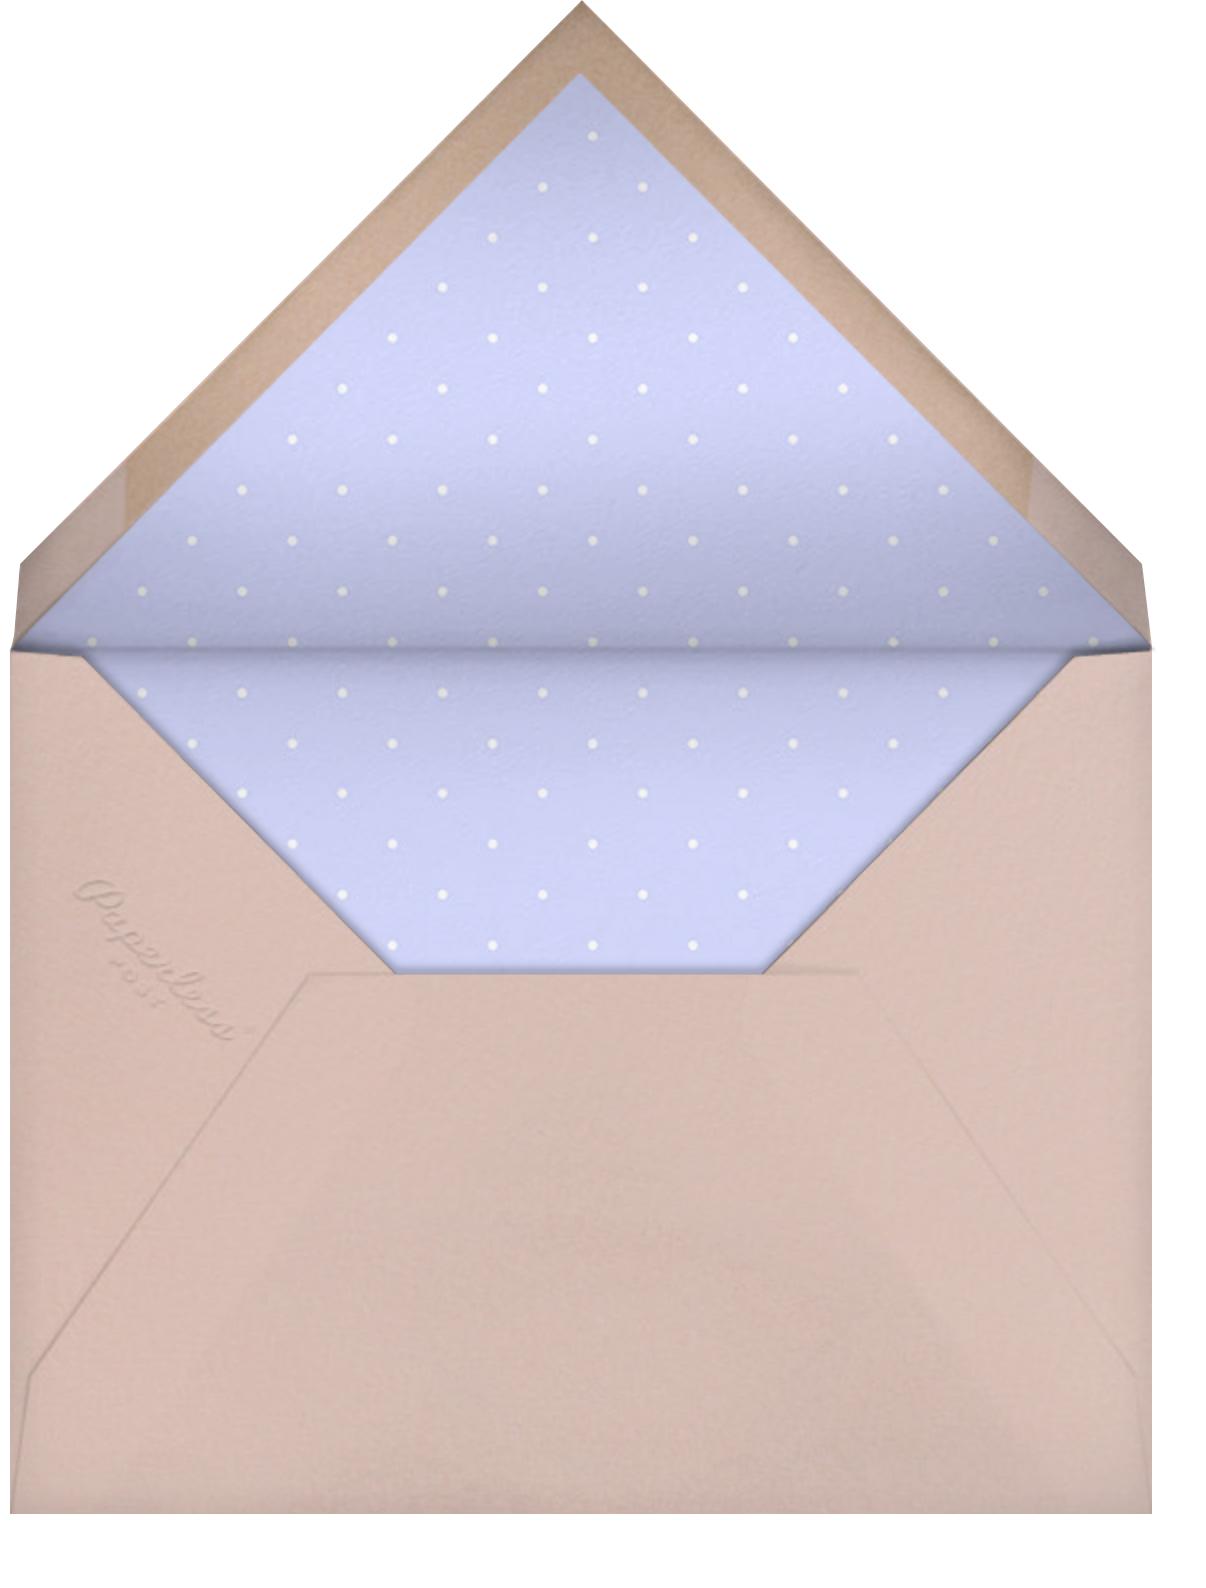 Lollipop - Berry Mix - Mr. Boddington's Studio - Envelope